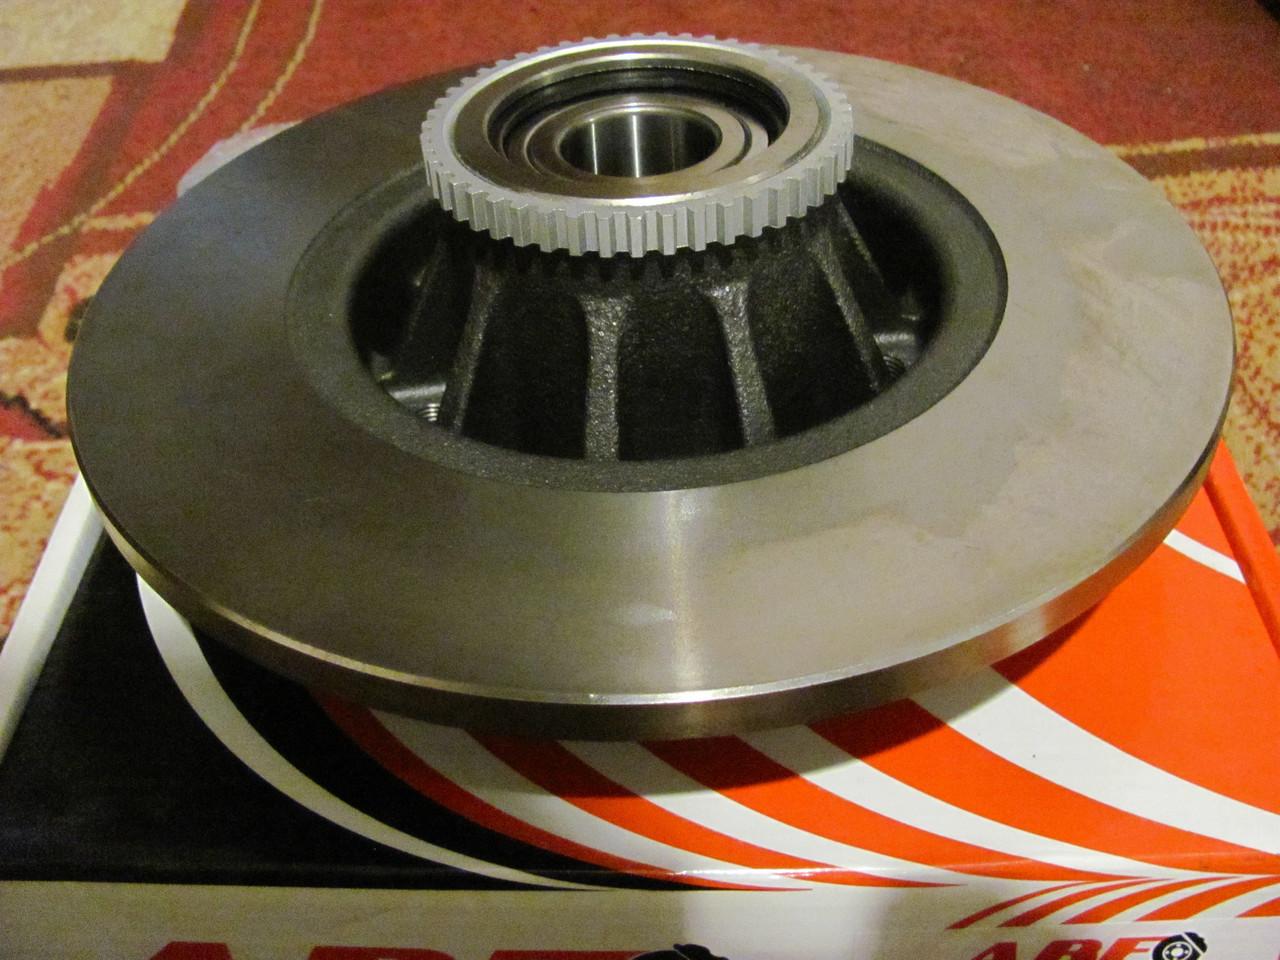 Тормозной диск Nissan Primastar, Opel Vivaro, Renault Trafic ll задній з підщипником